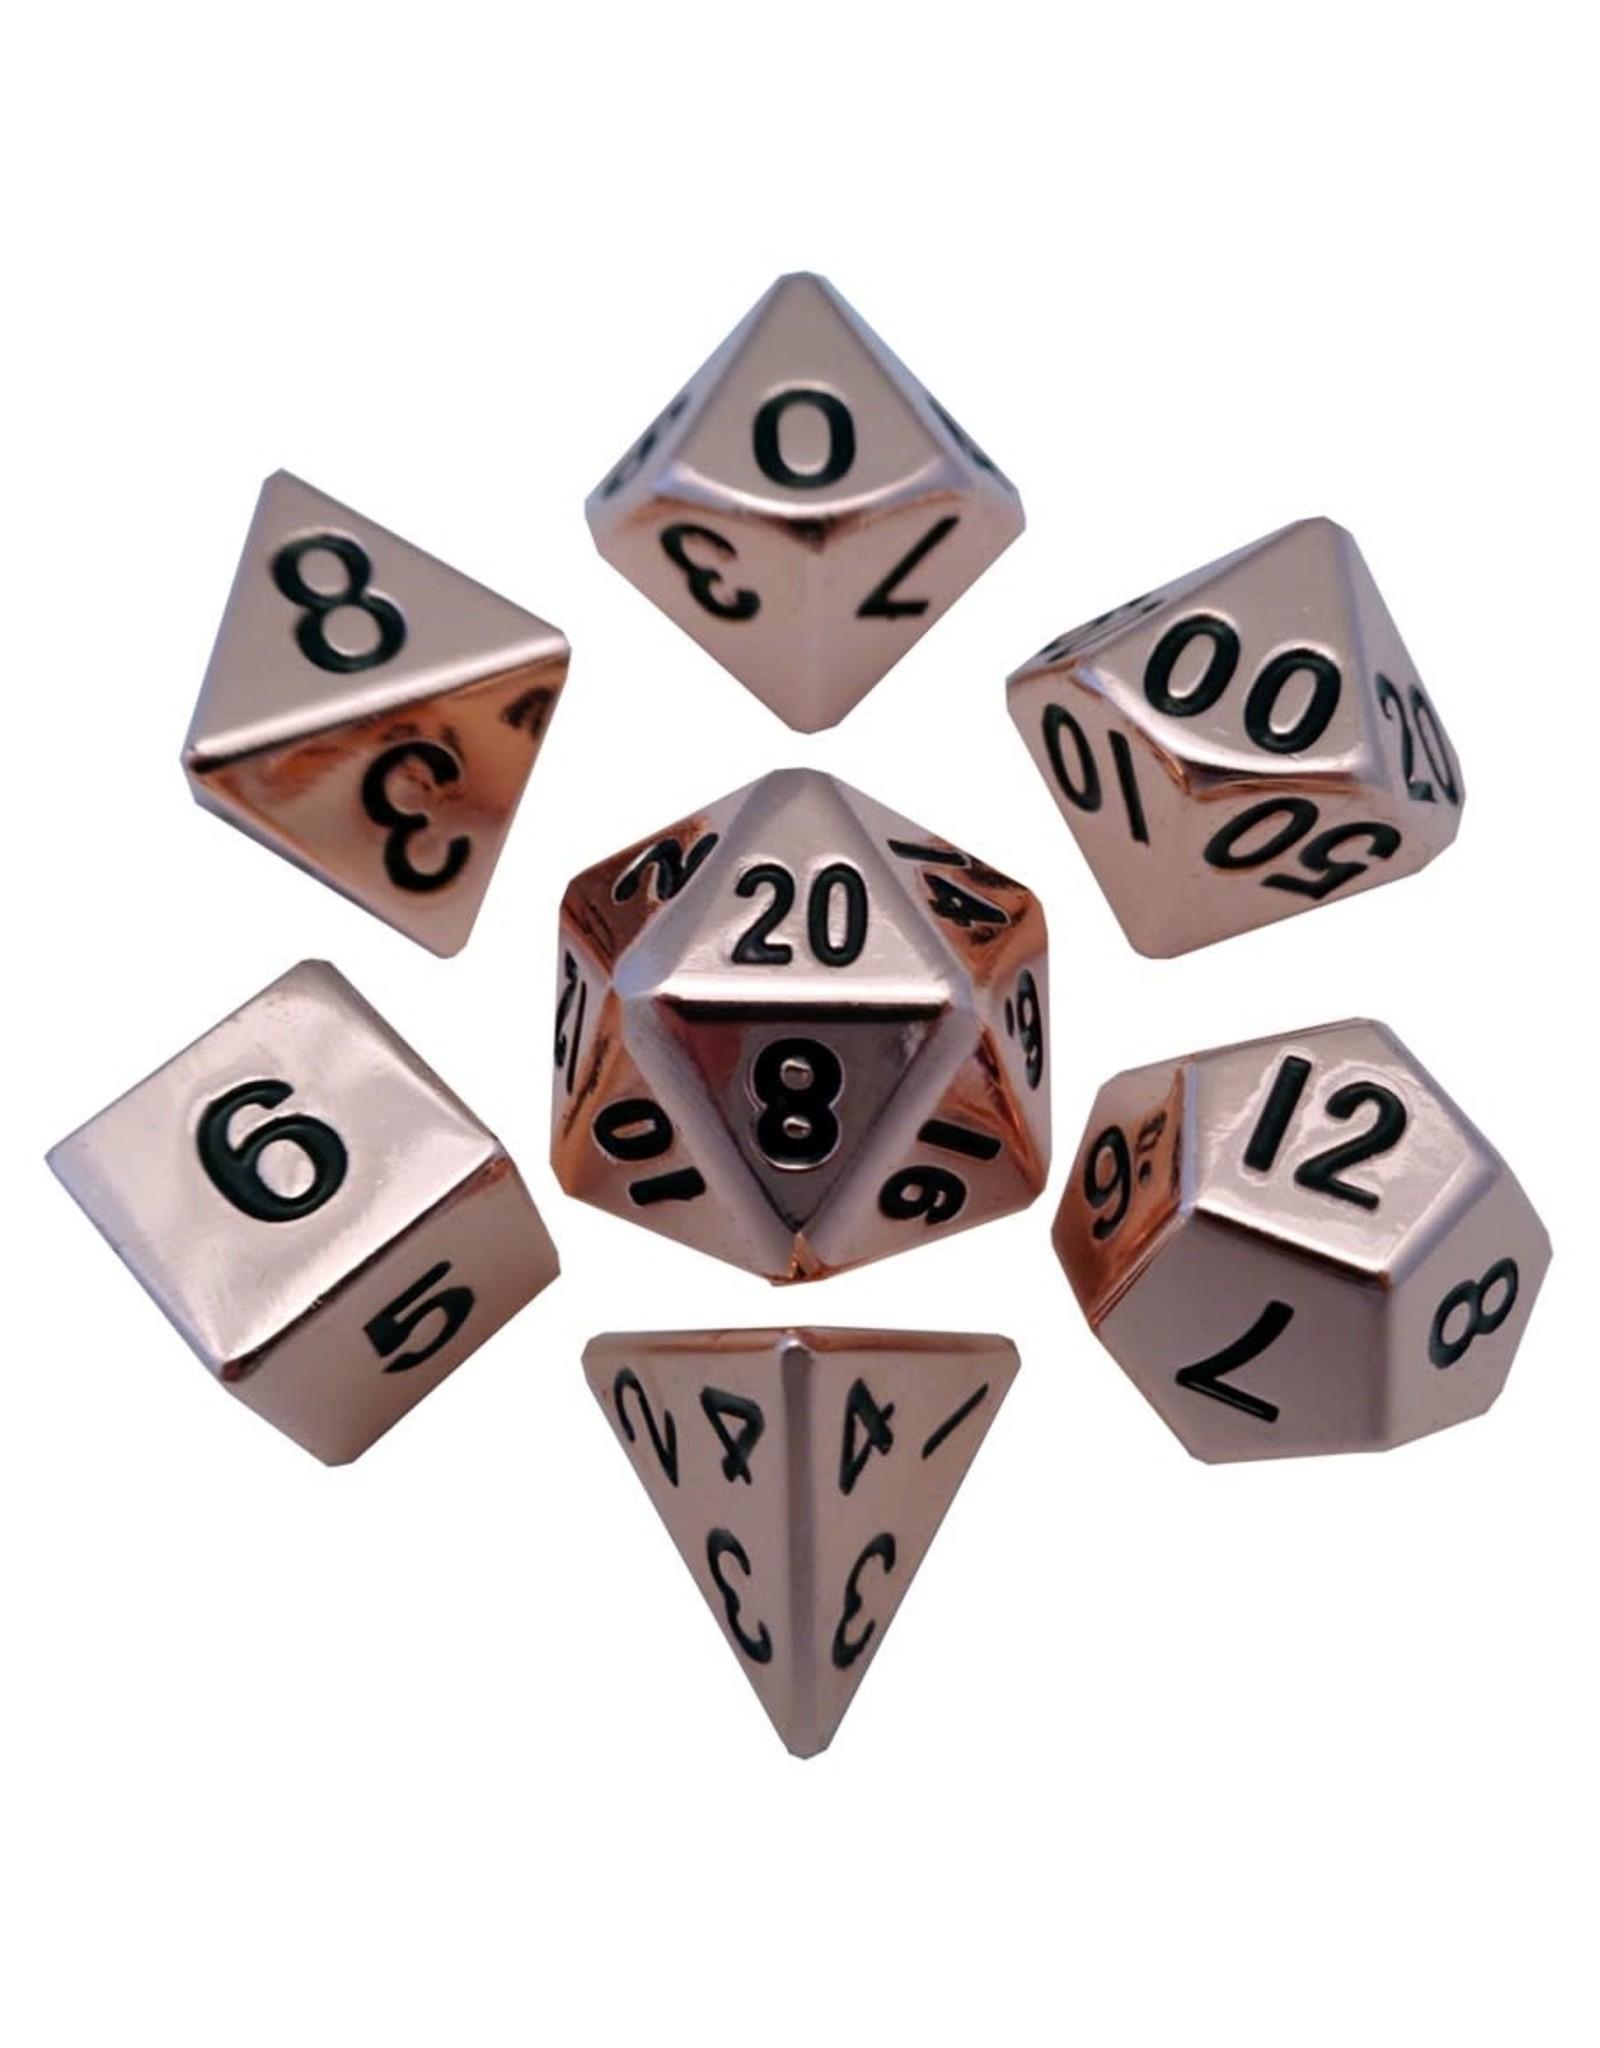 Metallic Dice Games 7-set: CP Metal